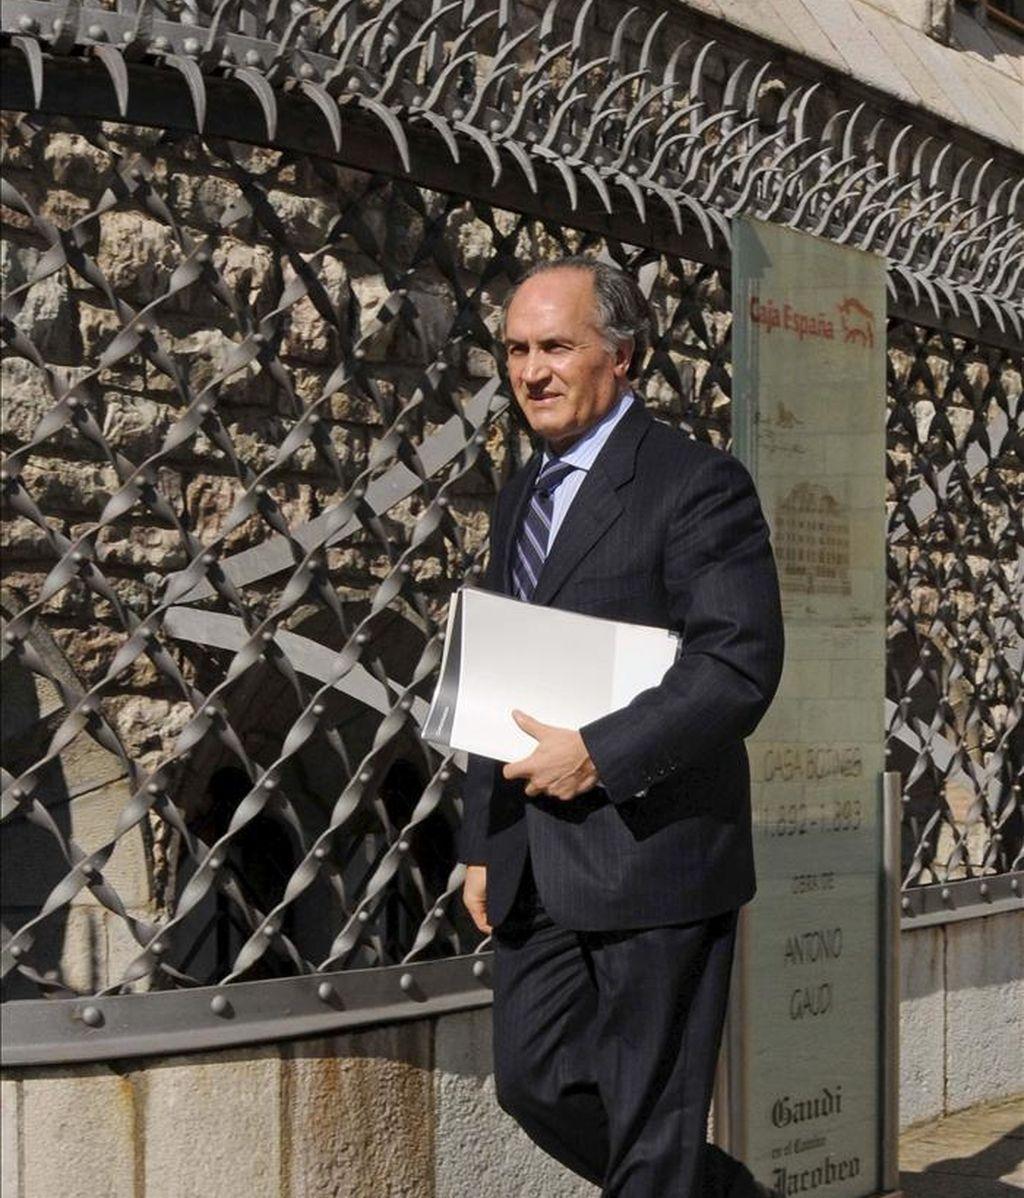 El presidente de la entidad, Evaristo del Canto, a su llegada al Consejo de Administración de Caja España-Duero que ha tenido lugar esta tarde en León. EFE/Archivo